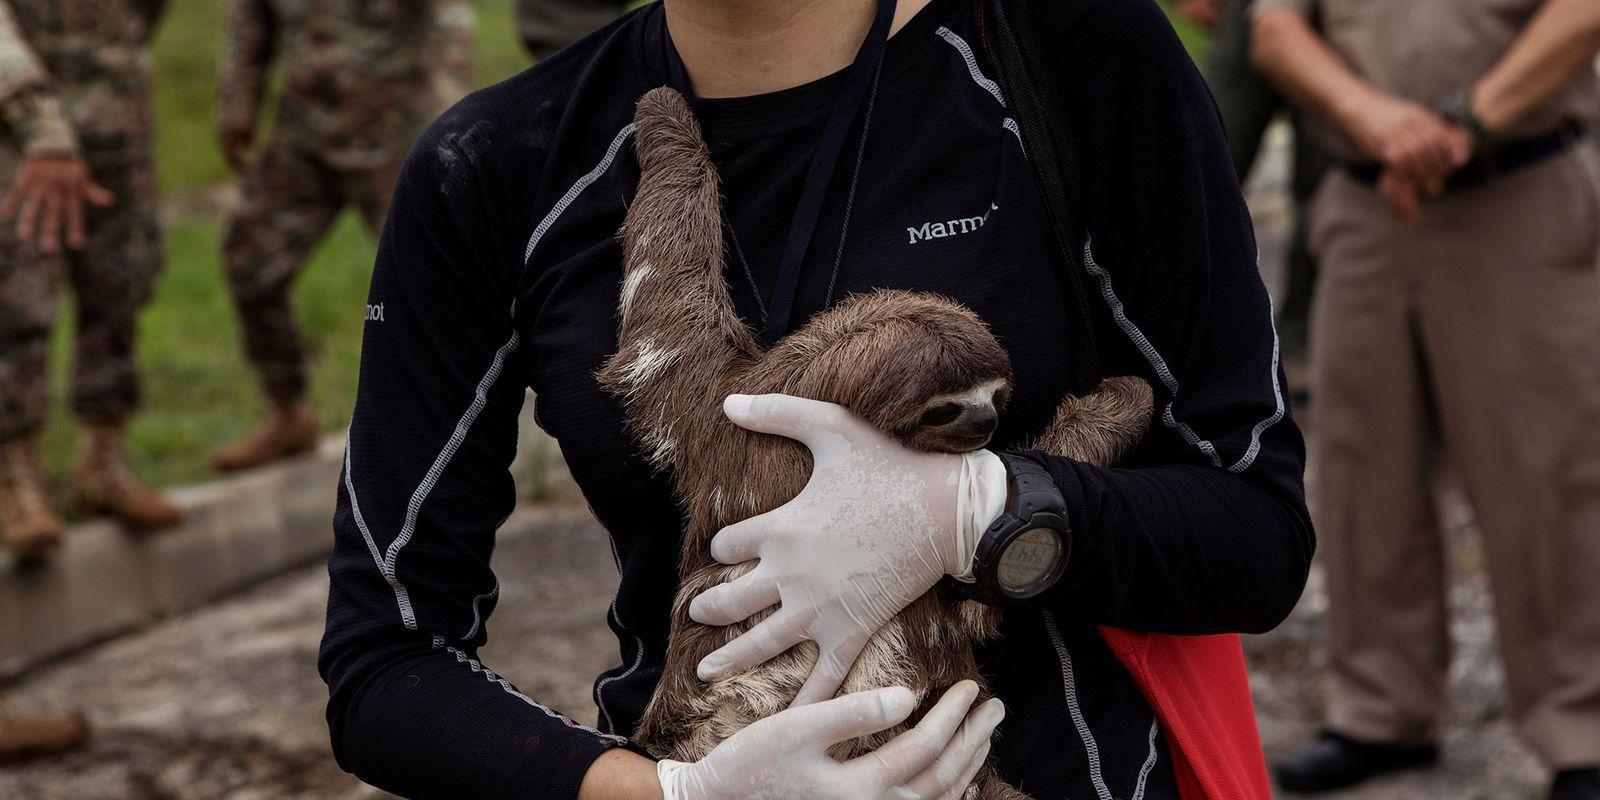 Pérou : 22 animaux sauvages capturés pour faire des photos avec des touristes ont été libérés